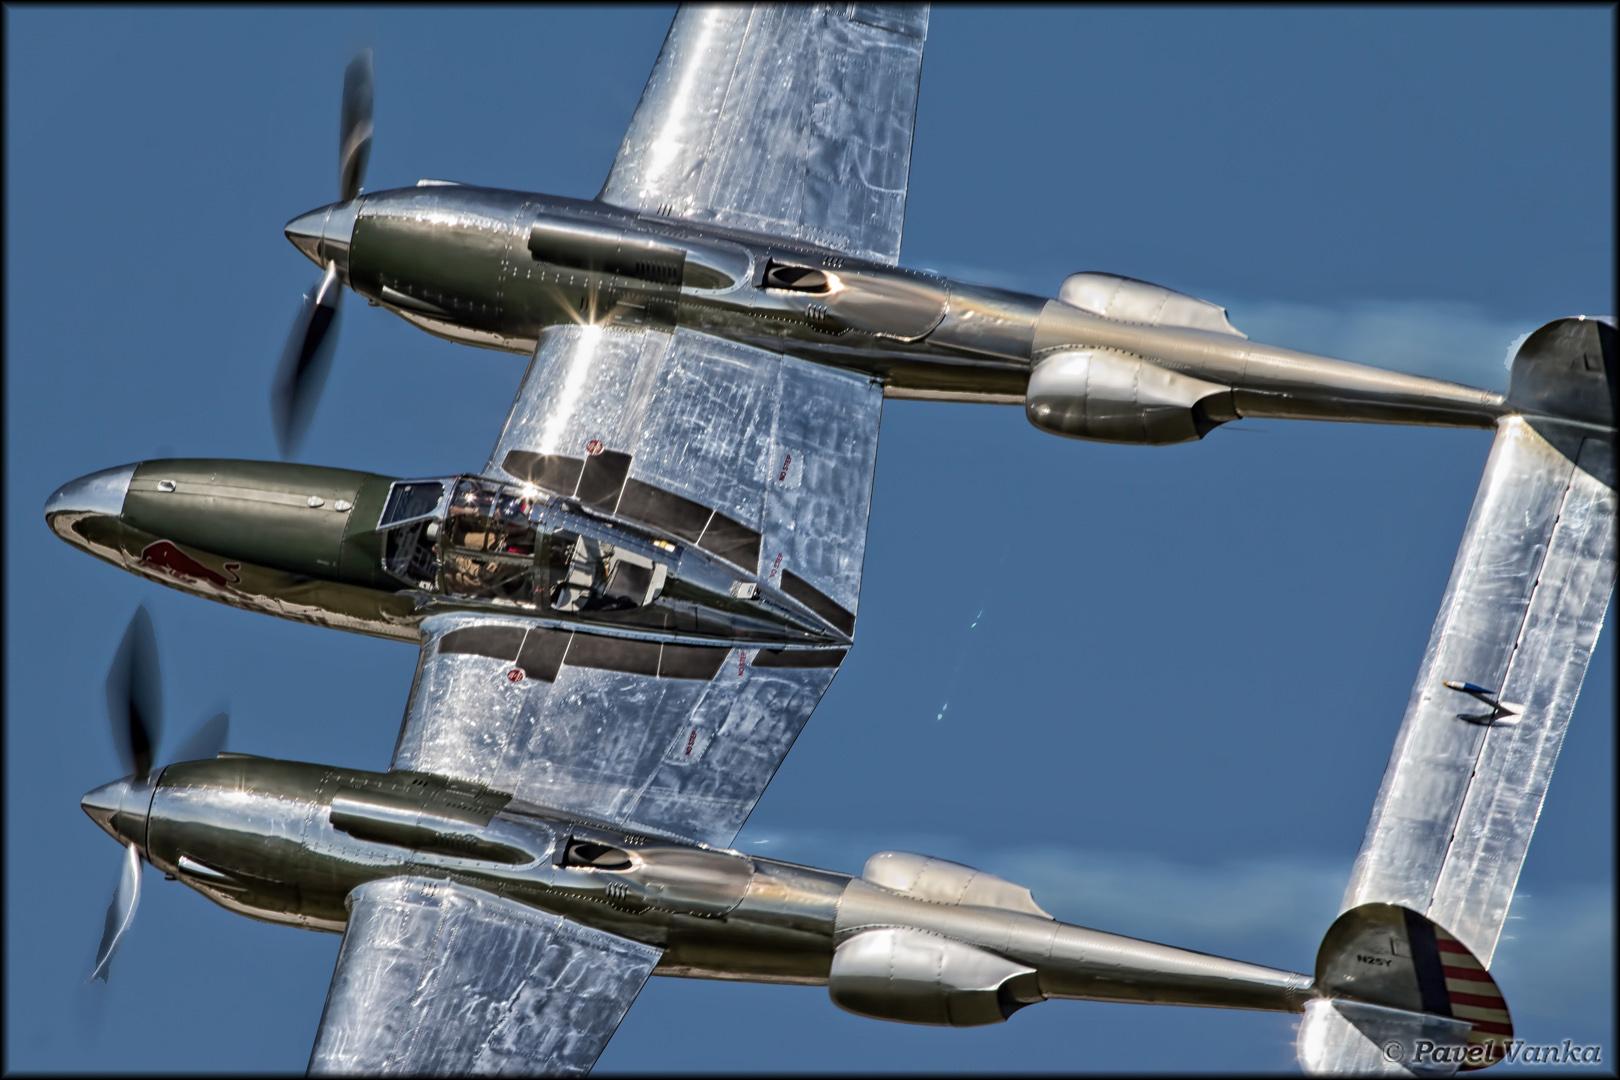 A restored P-38 Lightning.